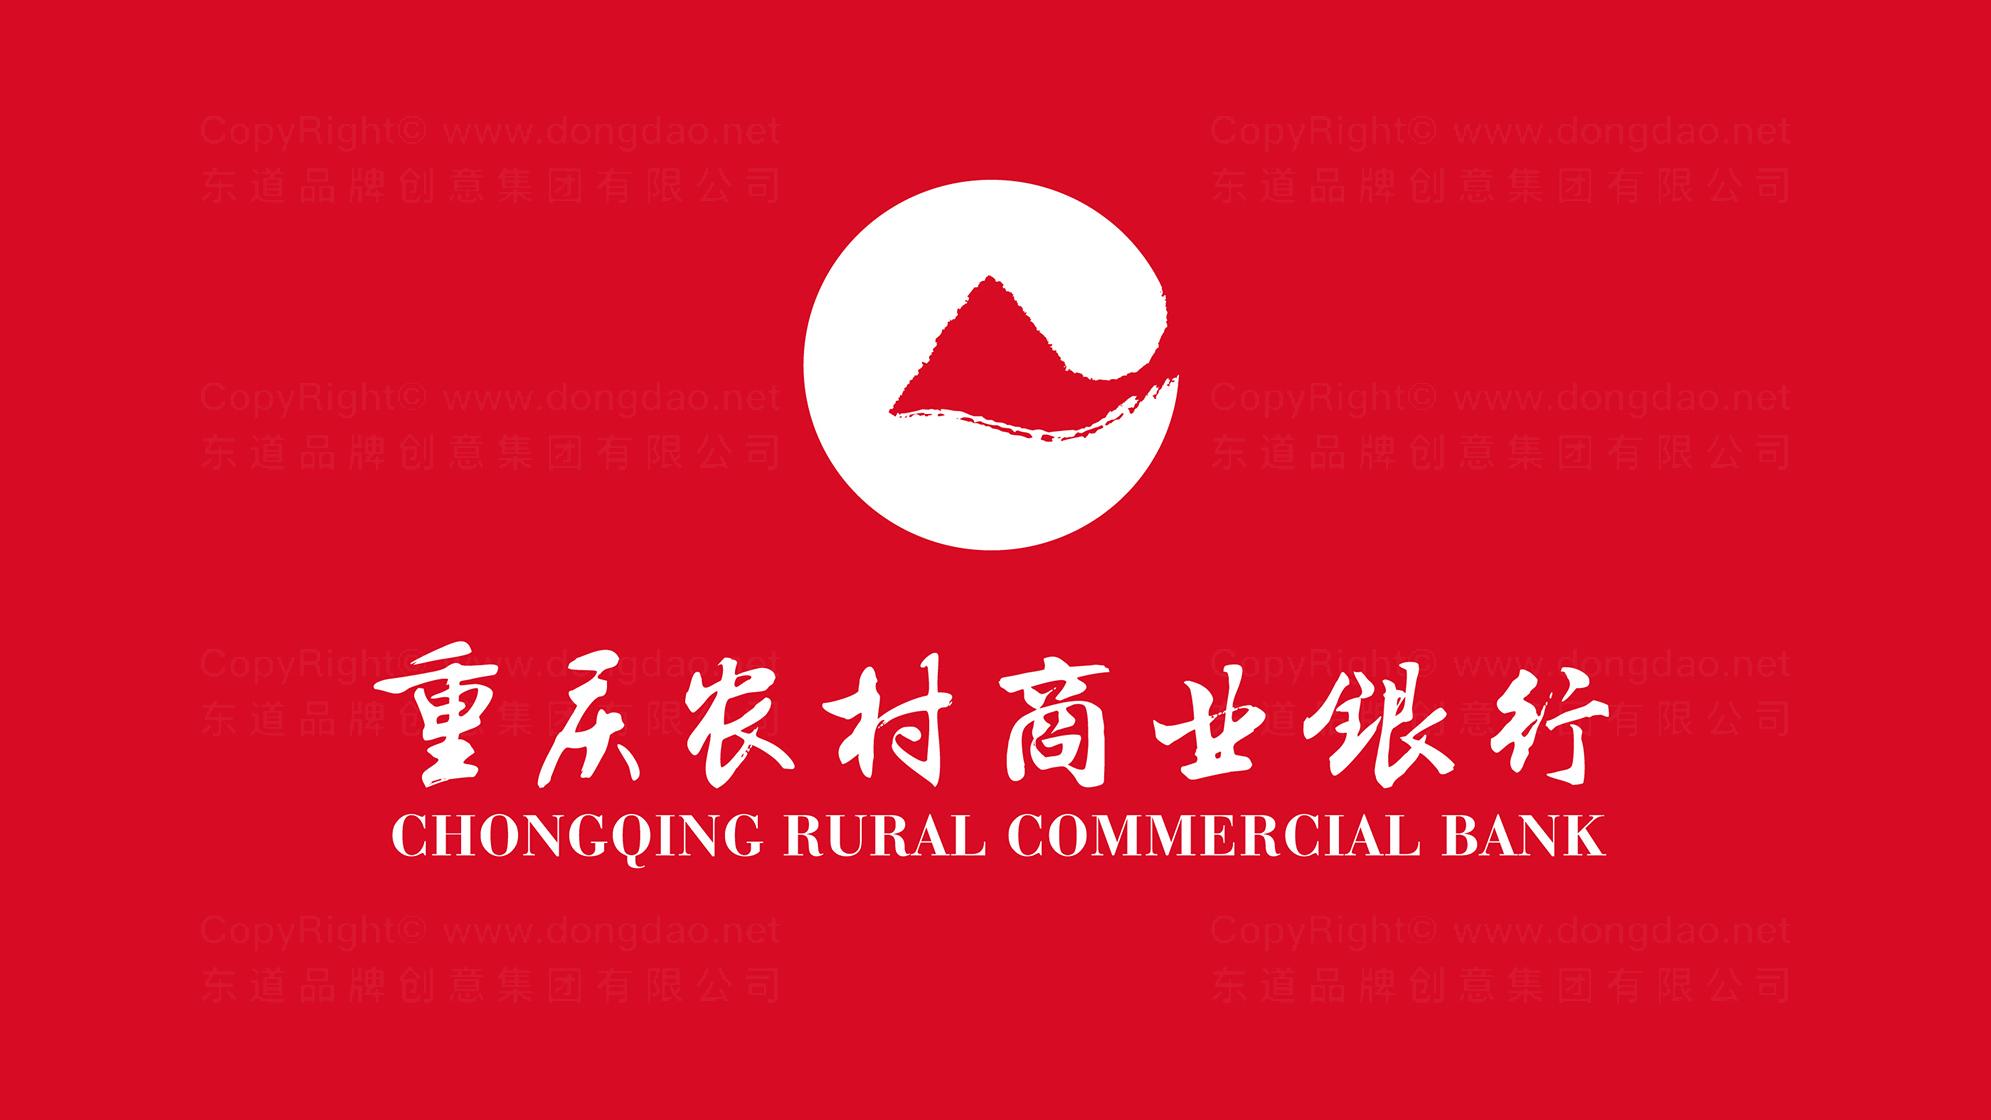 品牌设计案例重庆农村商业银行LOGO&VI设计